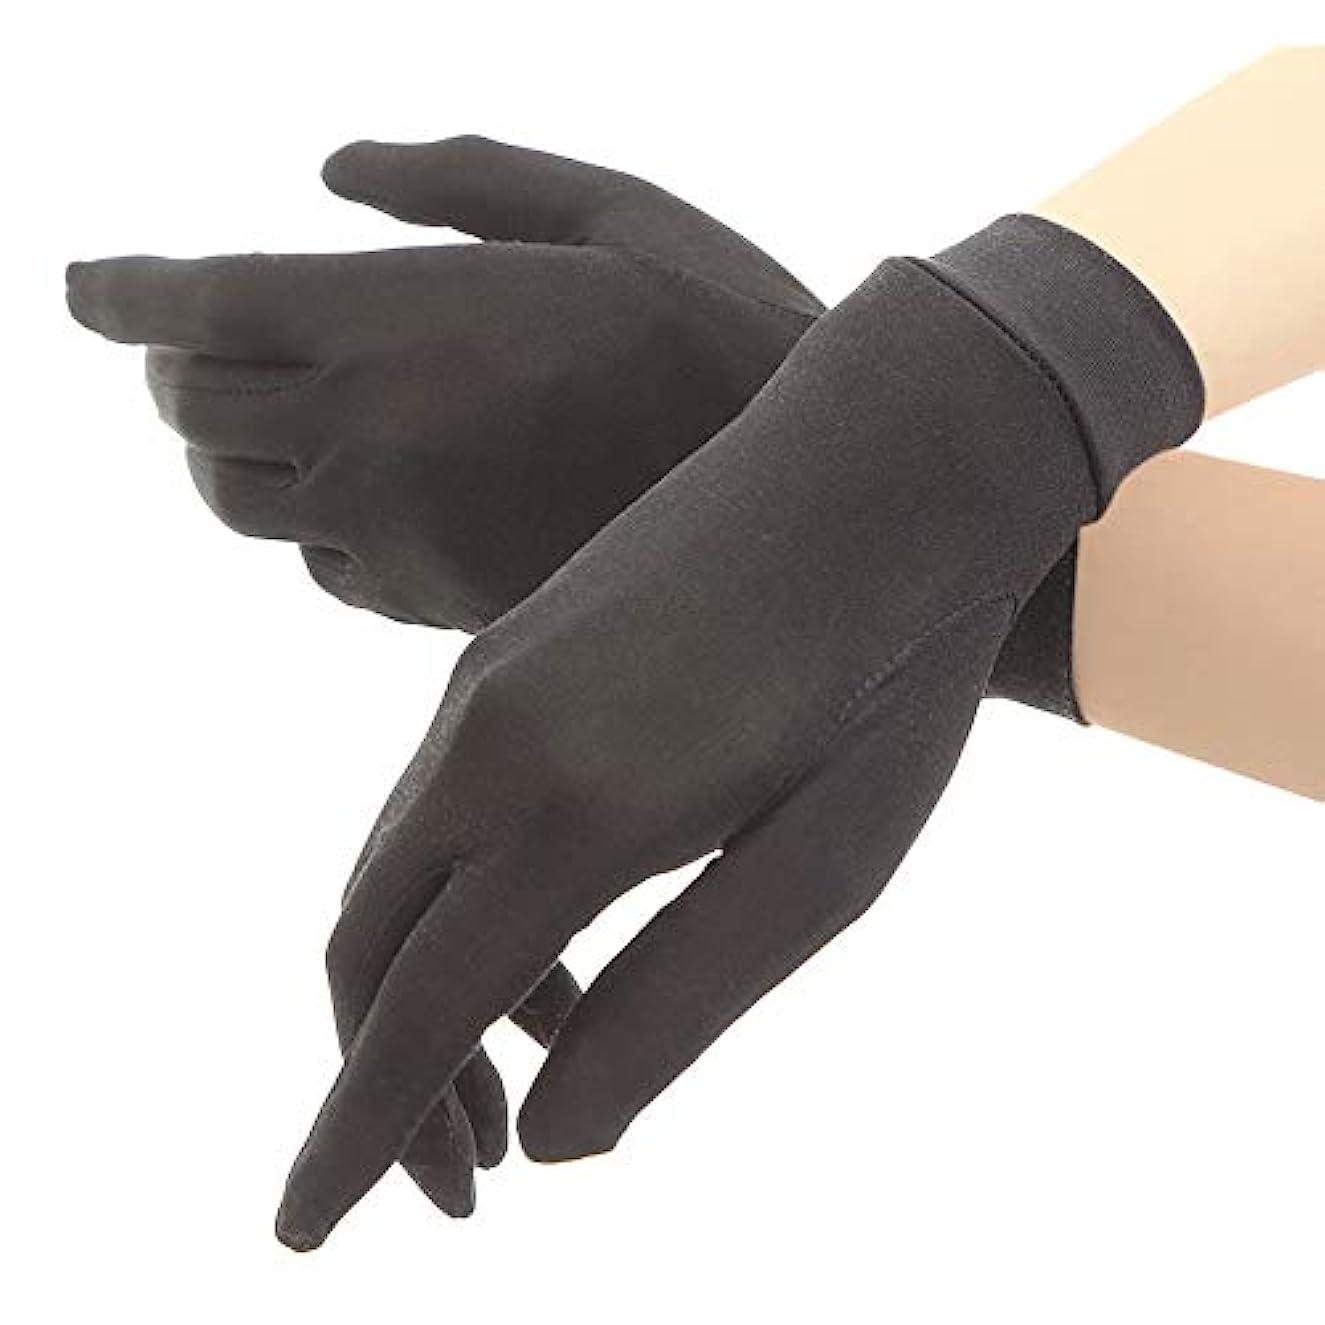 賢明な代表して調整シルク手袋 レディース 手袋 シルク 絹 ハンド ケア 保湿 紫外線 肌荒れ 乾燥 サイズアップで手指にマッチ 【macch】